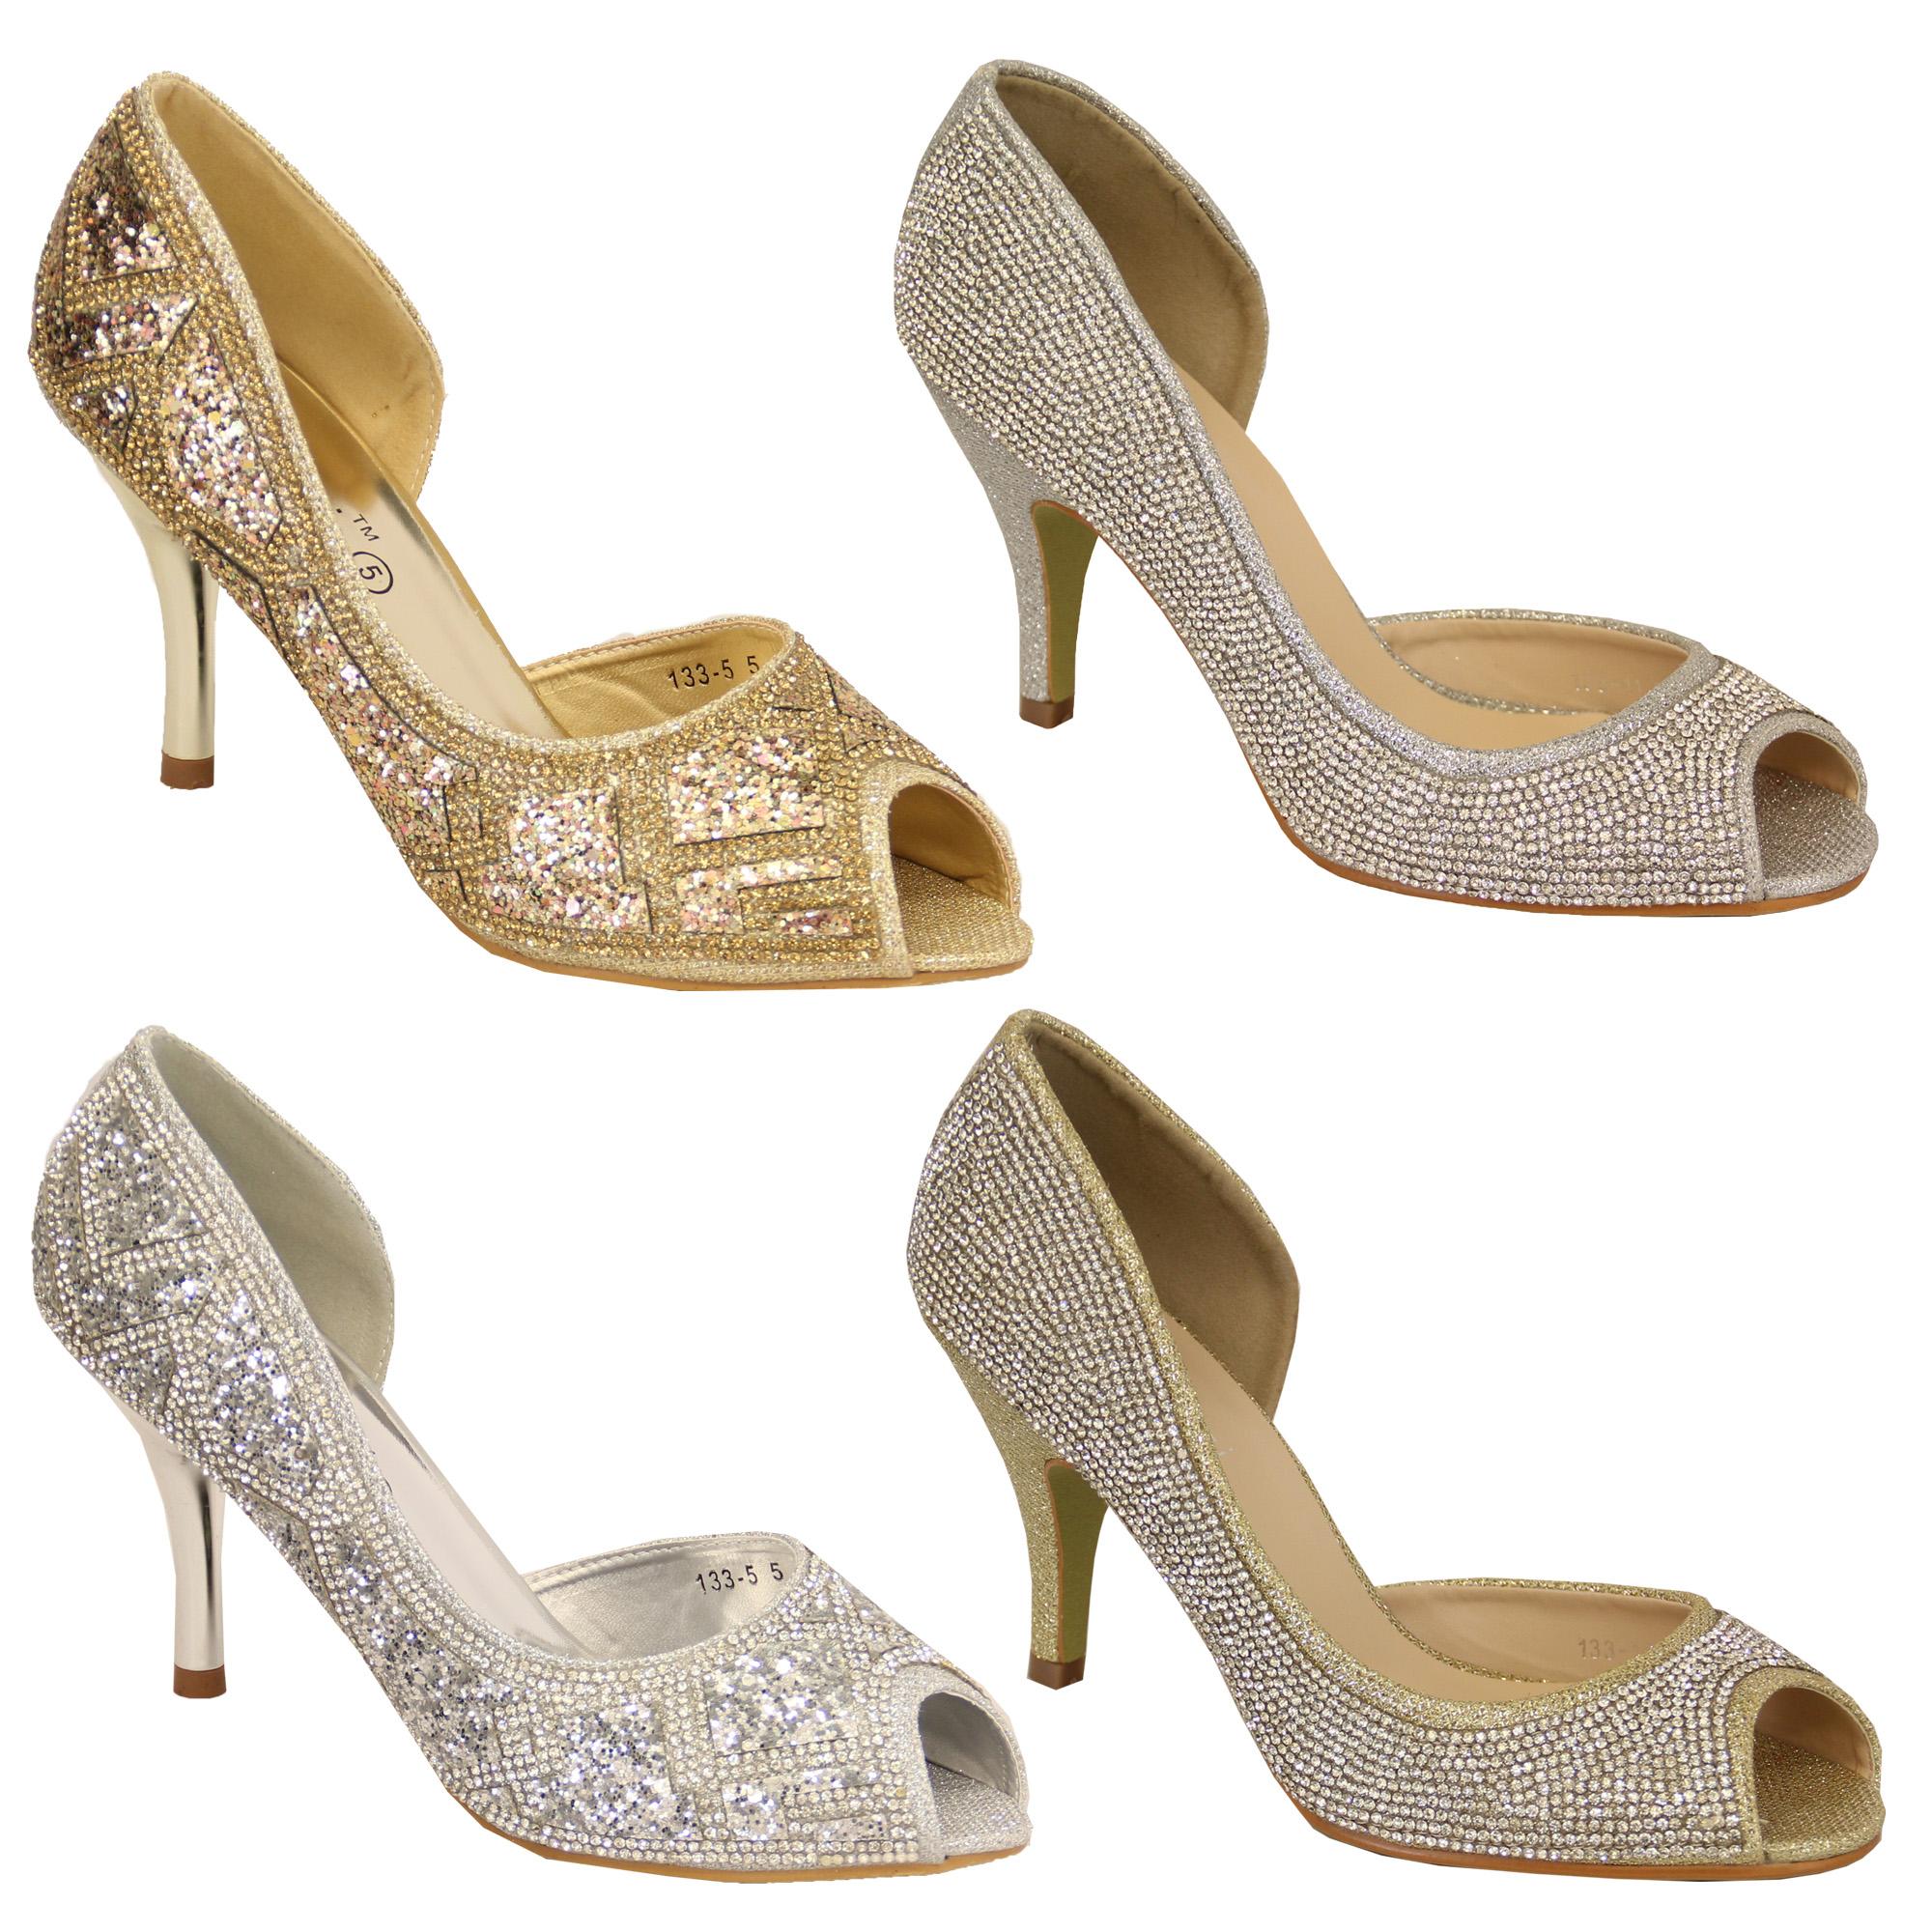 Glitter Peep Toe Mid Heel Sandals Shoes